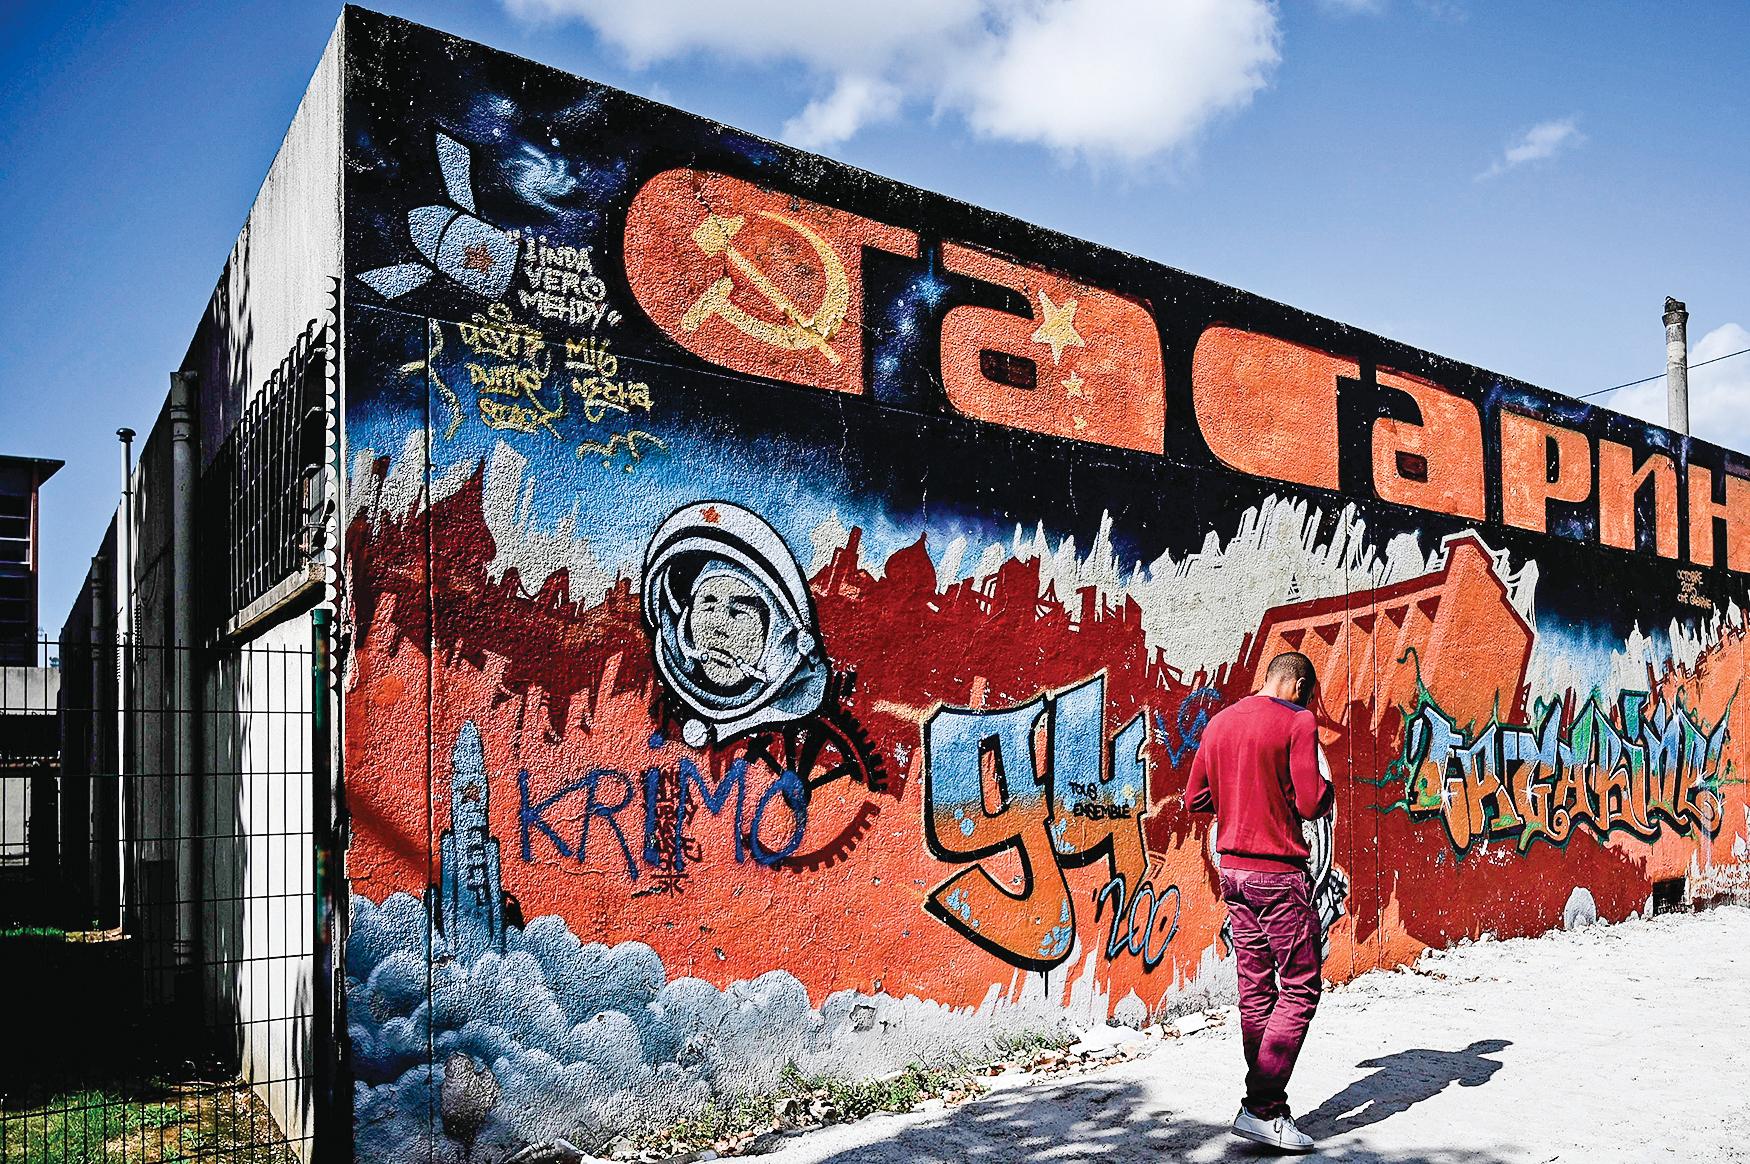 2019年8月19日,法國首都巴黎郊區加加林地區一處建築物上鐮刀斧頭的共產黨標誌,和前蘇聯太空人加加林(Yuri Gagarin)的畫像。(Philippe Lopez/AFP via Getty Images)